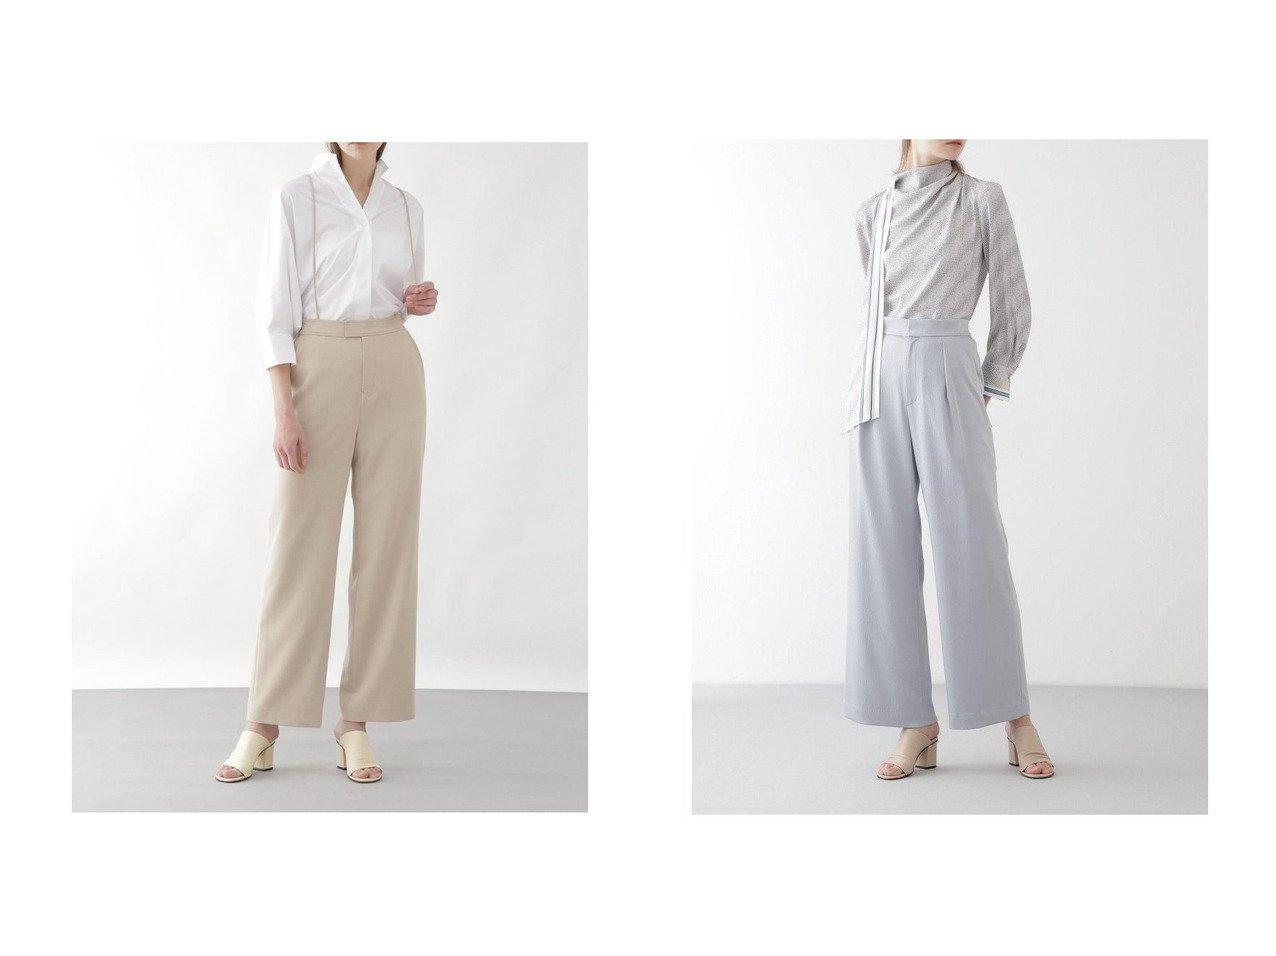 【BOSCH/ボッシュ】のVISPOLYNOトロピカルセットパンツ&ハンマーサテンタックパンツ パンツのおすすめ!人気、トレンド・レディースファッションの通販 おすすめで人気の流行・トレンド、ファッションの通販商品 メンズファッション・キッズファッション・インテリア・家具・レディースファッション・服の通販 founy(ファニー) https://founy.com/ ファッション Fashion レディースファッション WOMEN パンツ Pants NEW・新作・新着・新入荷 New Arrivals ギャザー サテン ジーンズ スタンダード ドレープ フロント ポケット モダン リラックス ワイド 再入荷 Restock/Back in Stock/Re Arrival |ID:crp329100000009499